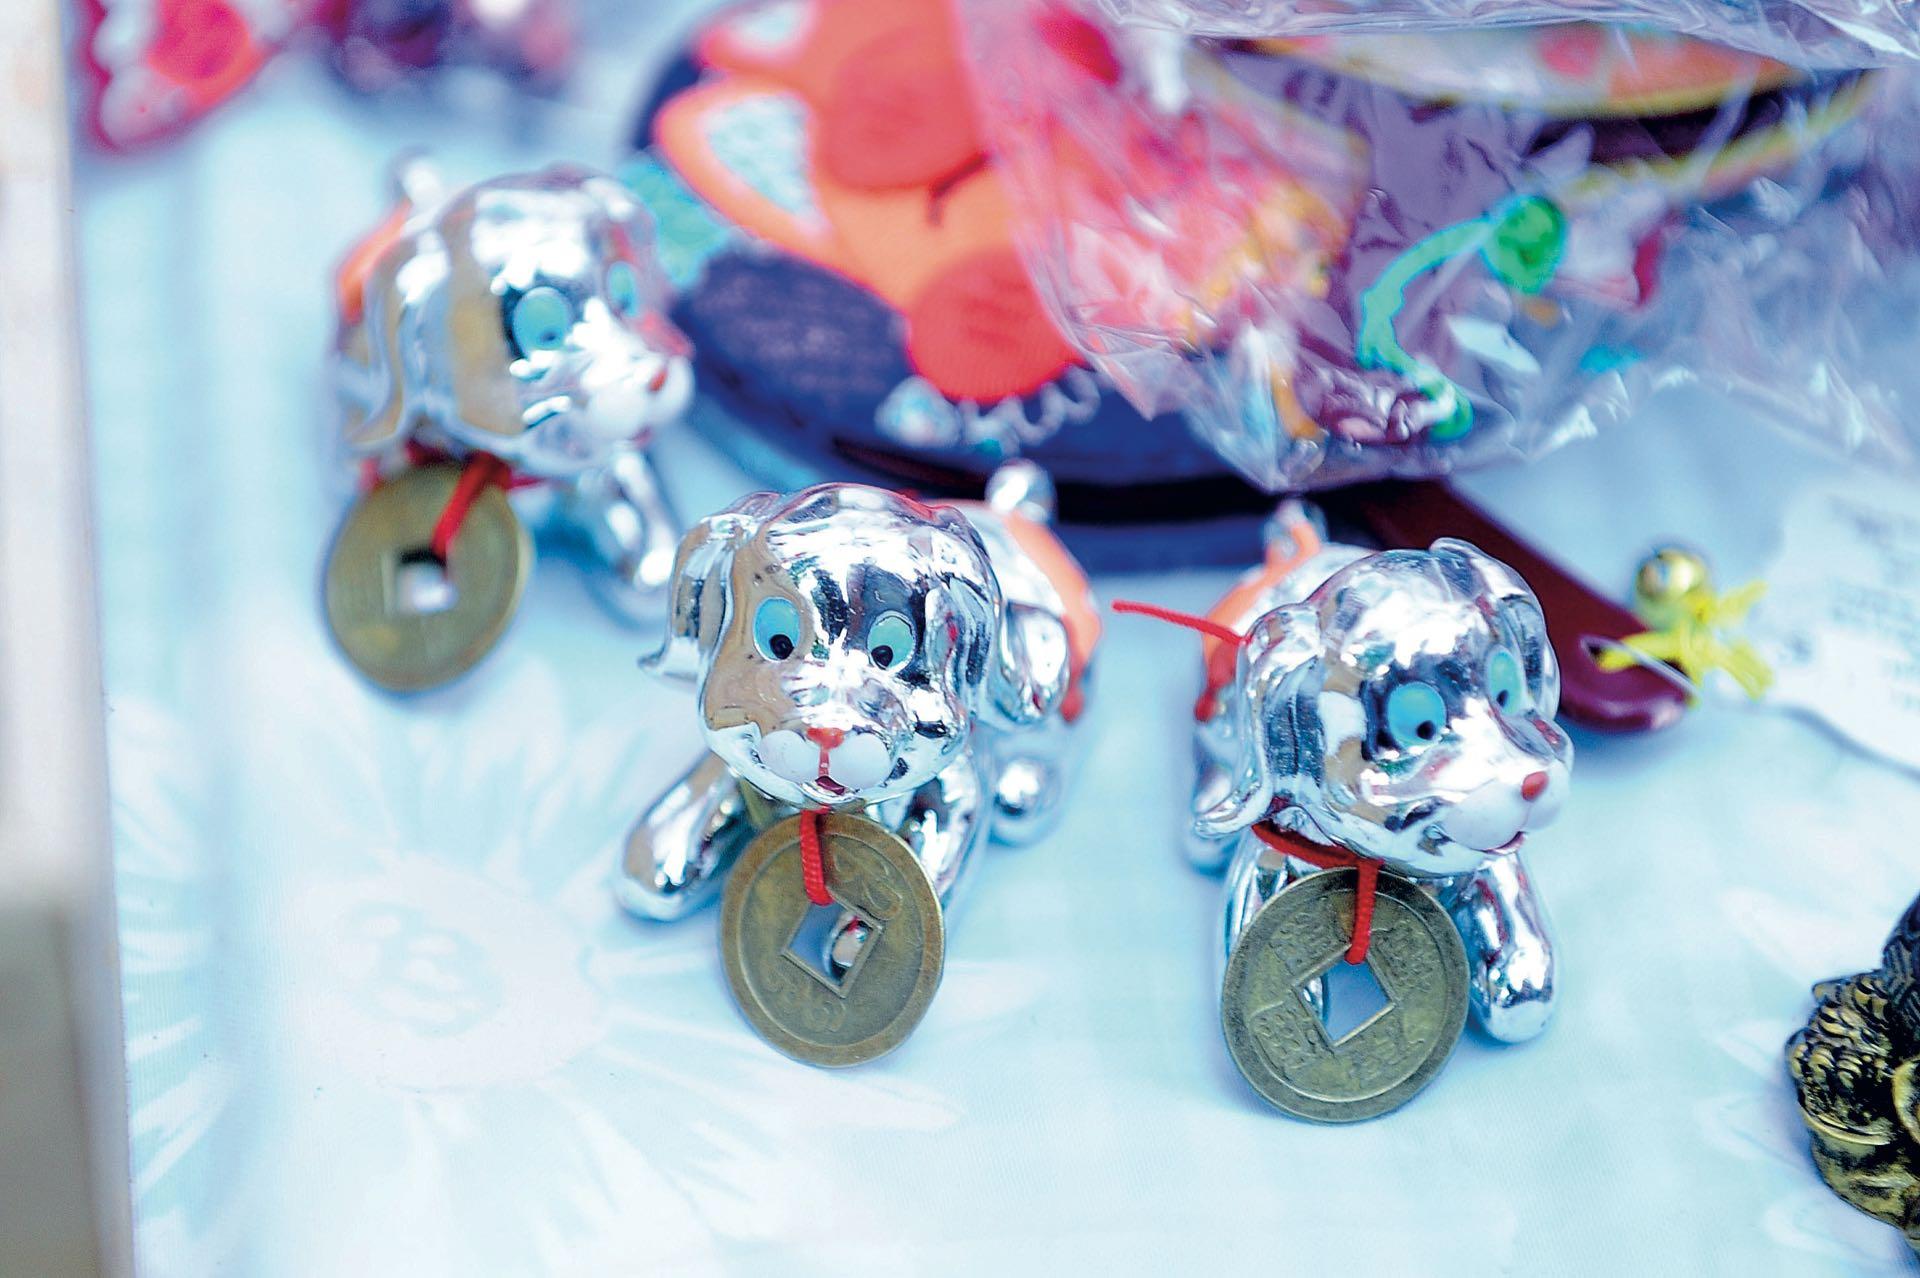 Los más vendidos: los perritos con la clásica moneda china en el cuello. (Fotos: Fabián Mattiazzi y Télam)